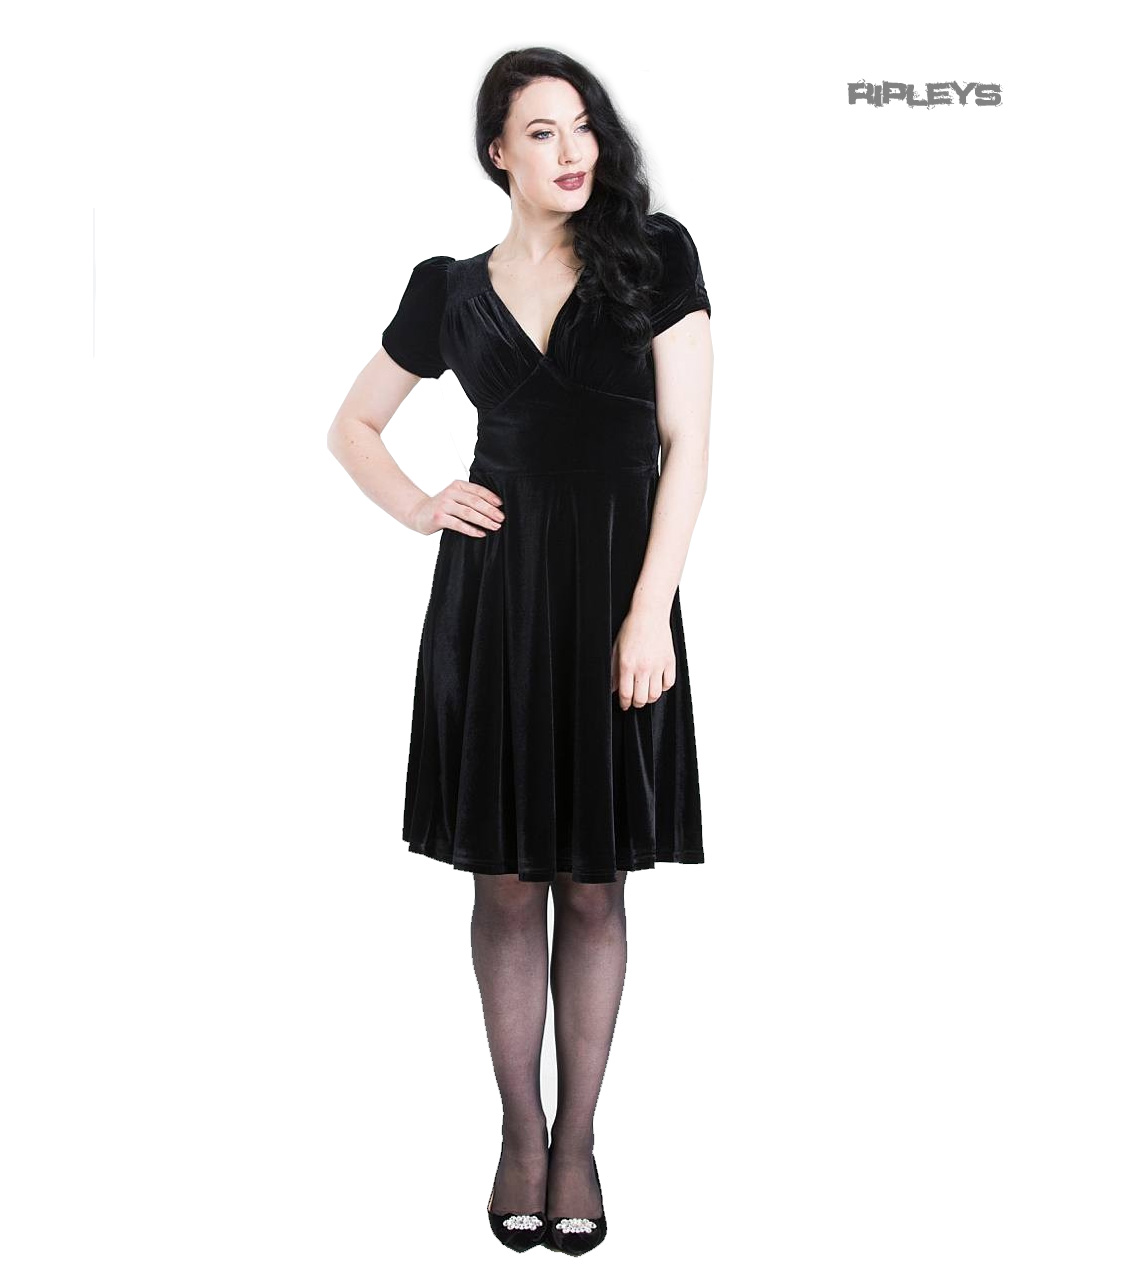 Hell-Bunny-40s-50s-Elegant-Pin-Up-Dress-JOANNE-Crushed-Velvet-Black-All-Sizes thumbnail 2